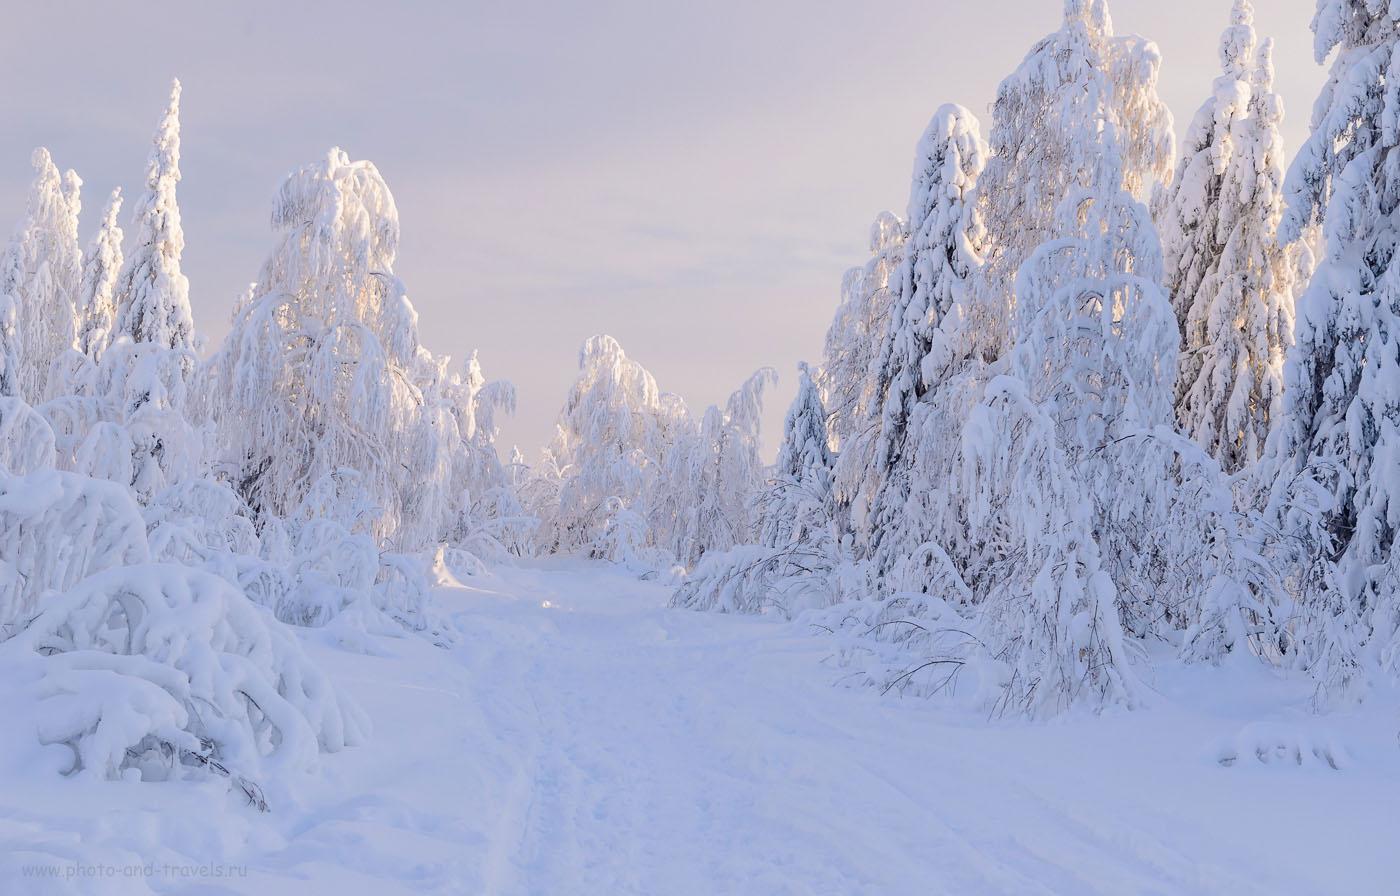 33. Сказочный лес в Пермском крае. Как мы ходили на Каменный город в январе. 1/200, 8.0, 640, 48.